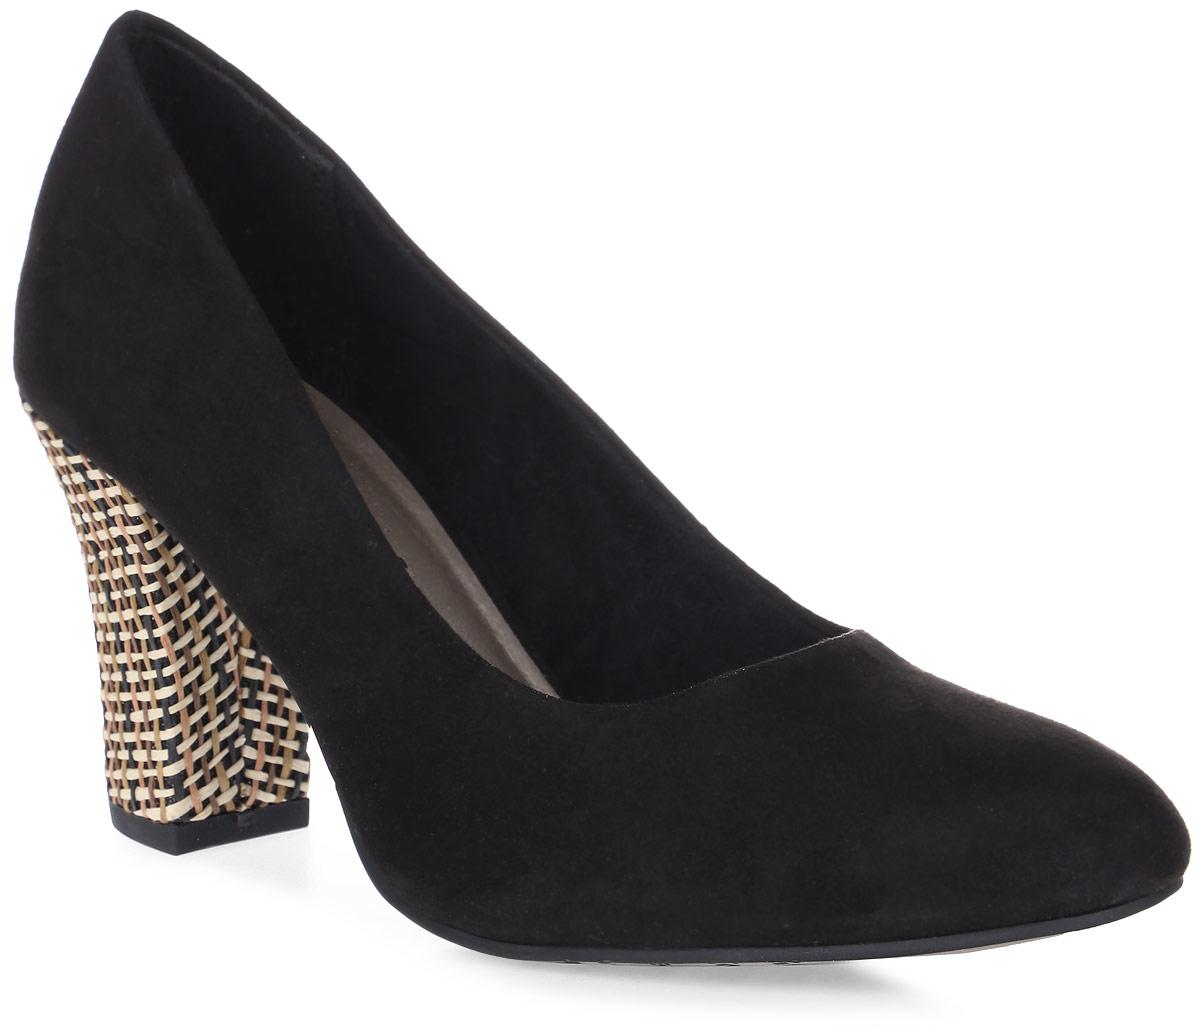 Туфли женские Tamaris, цвет: черный. 1-1-22416-28-042/220. Размер 411-1-22416-28-042Стильные женские туфли Tamaris придутся вам по душе!Модель выполнена из искусственной замши. Невероятно мягкая стелька из искусственной кожи гарантирует максимальный комфорт при движении и позволяет ногам дышать. Устойчивый каблук и подошва с рифленым протектором не скользят.Удобные туфли помогут вам создать яркий, запоминающийся образ и выделиться среди окружающих.